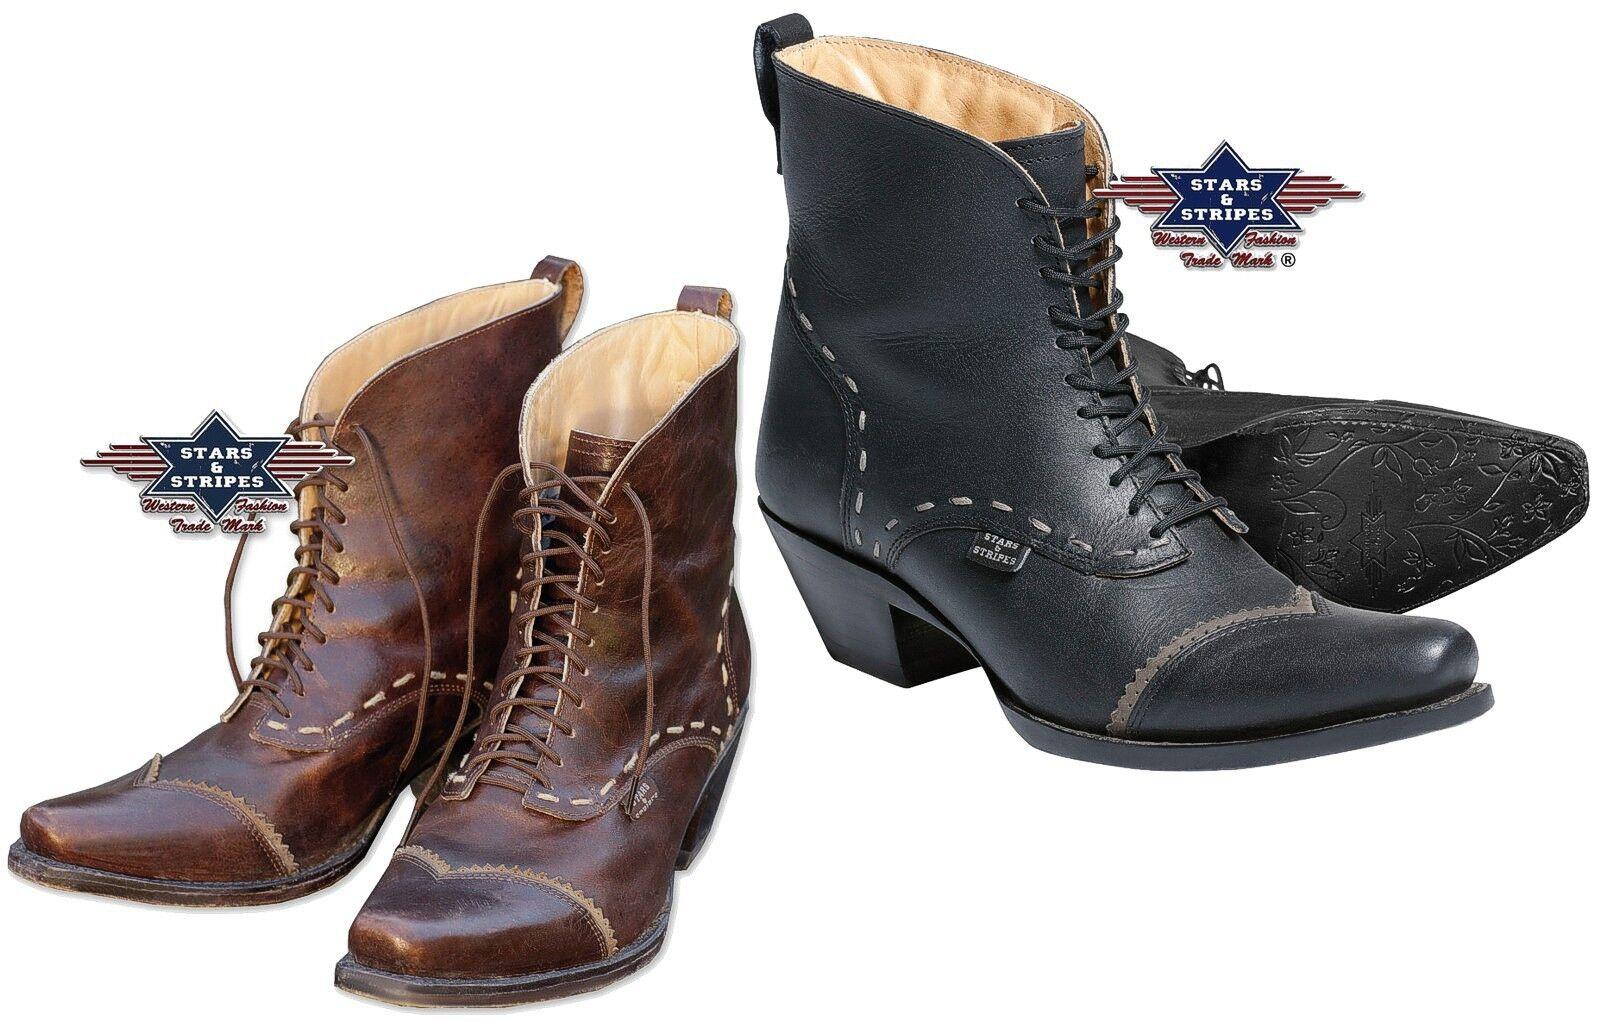 Señora botín country western botas de cowboy cowboy cowboy botines  Ashley  S & S  precios bajos